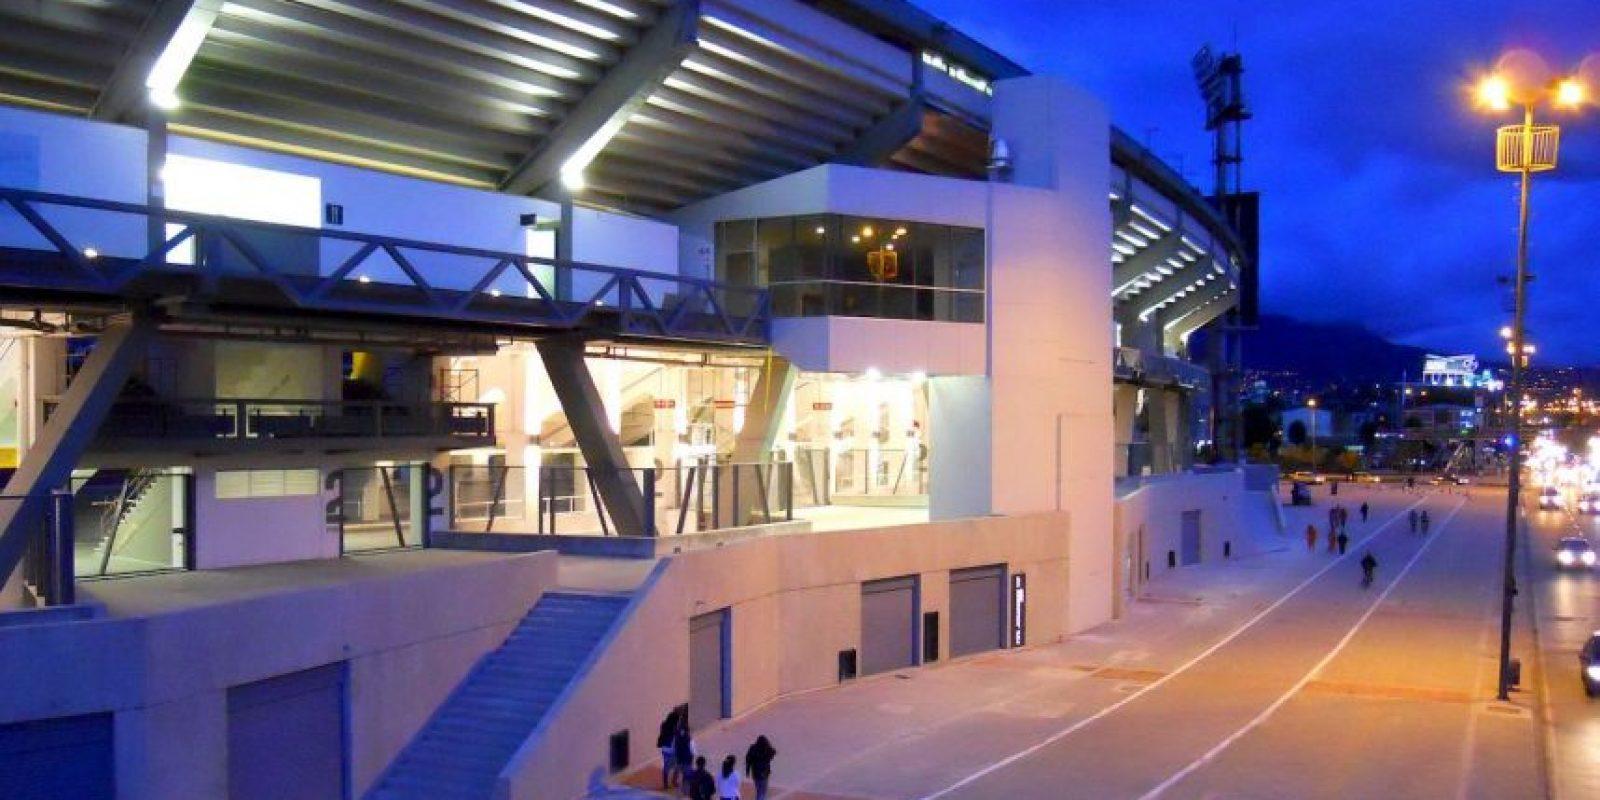 El nombre de Nemesio Camacho viene del padre de Luis Camacho, quien donó su terreno llamado El Campín para la construcción del estadio, en 1938. Foto:Wikipedia